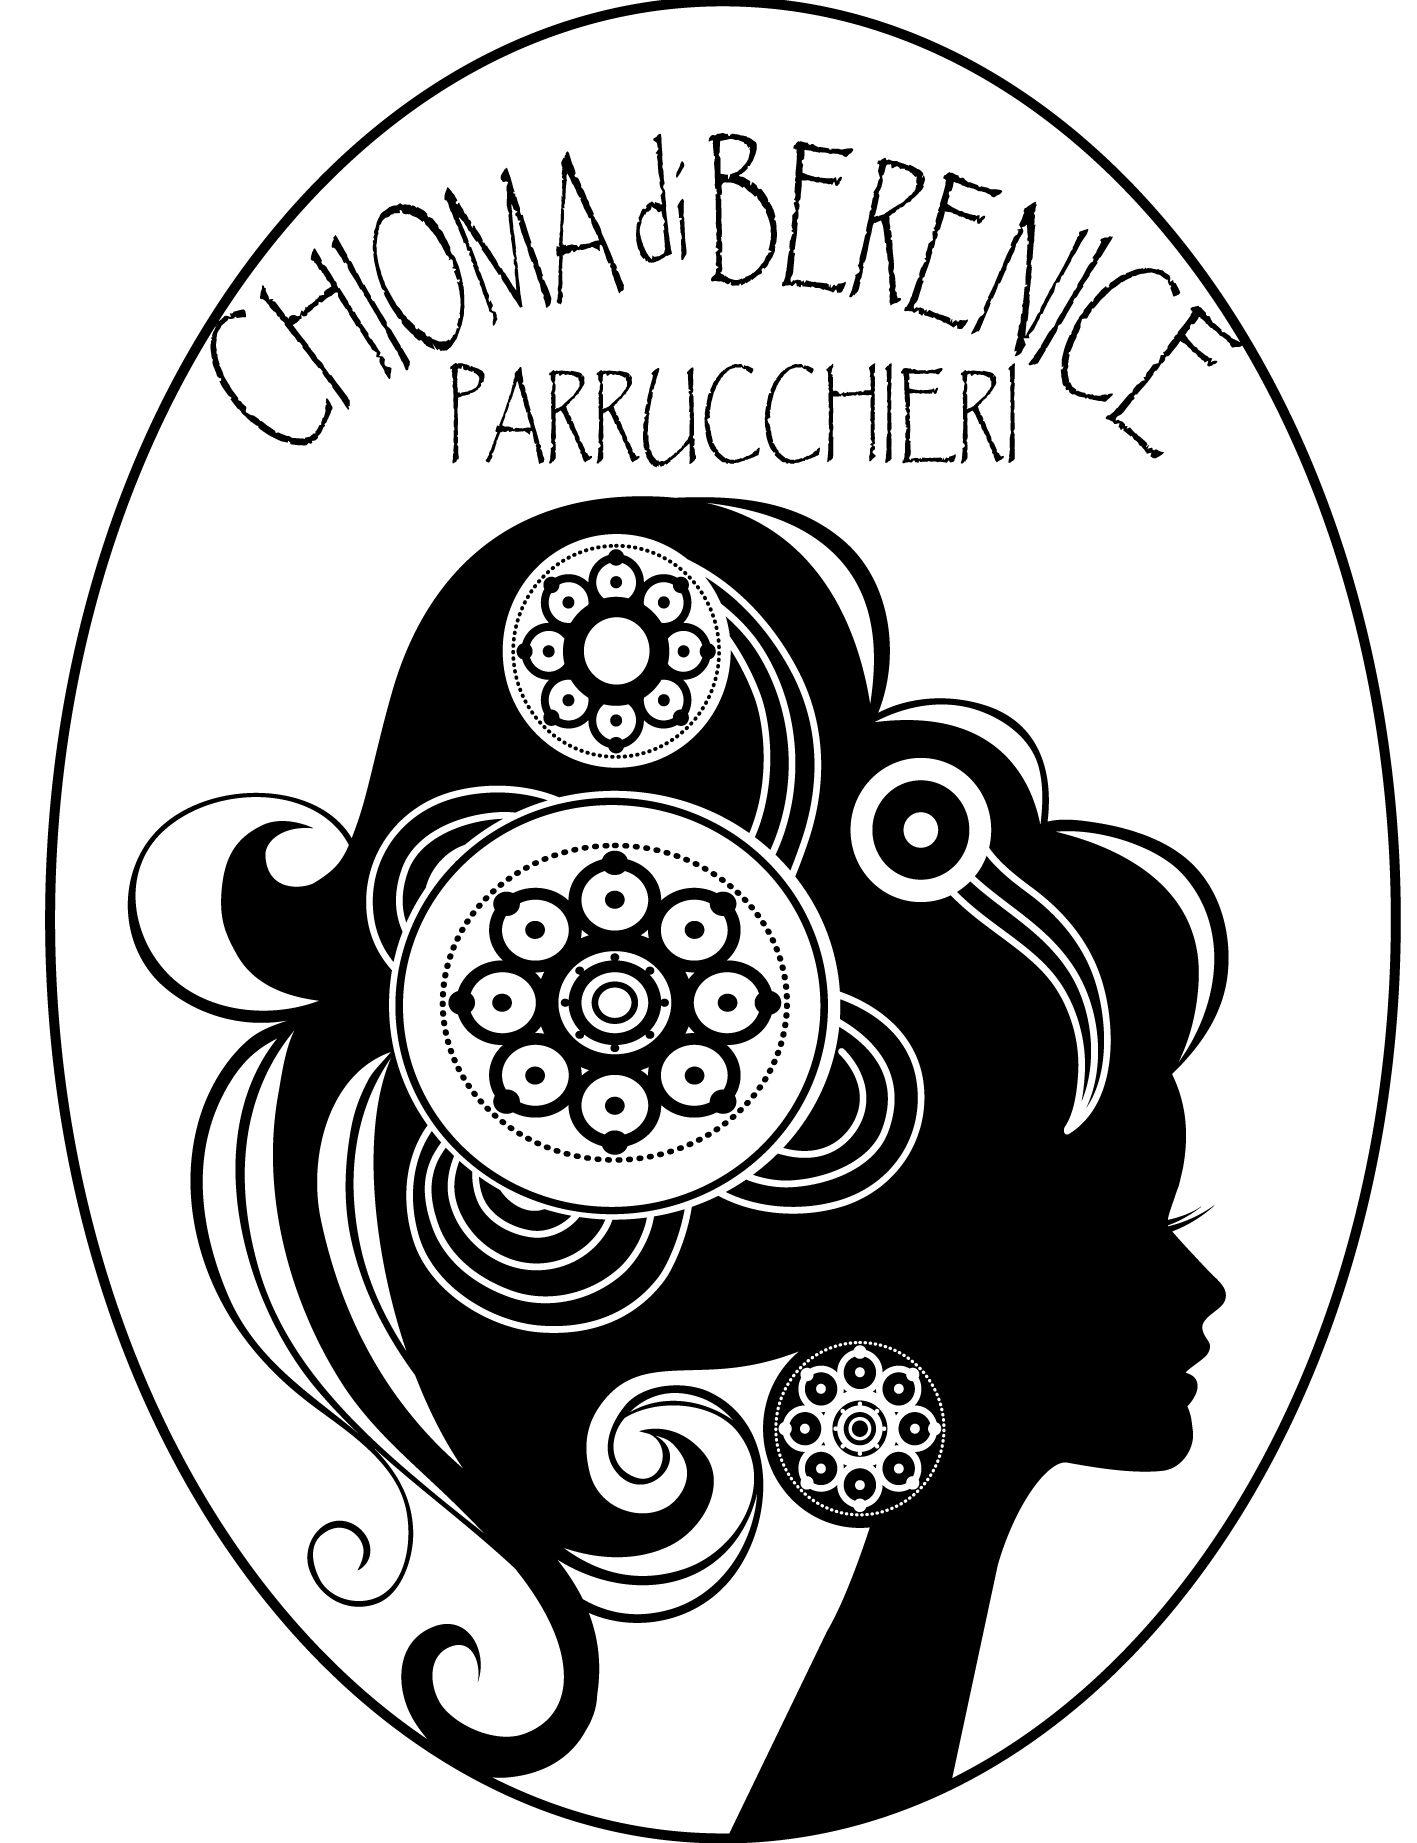 Il nostro nuovo logo